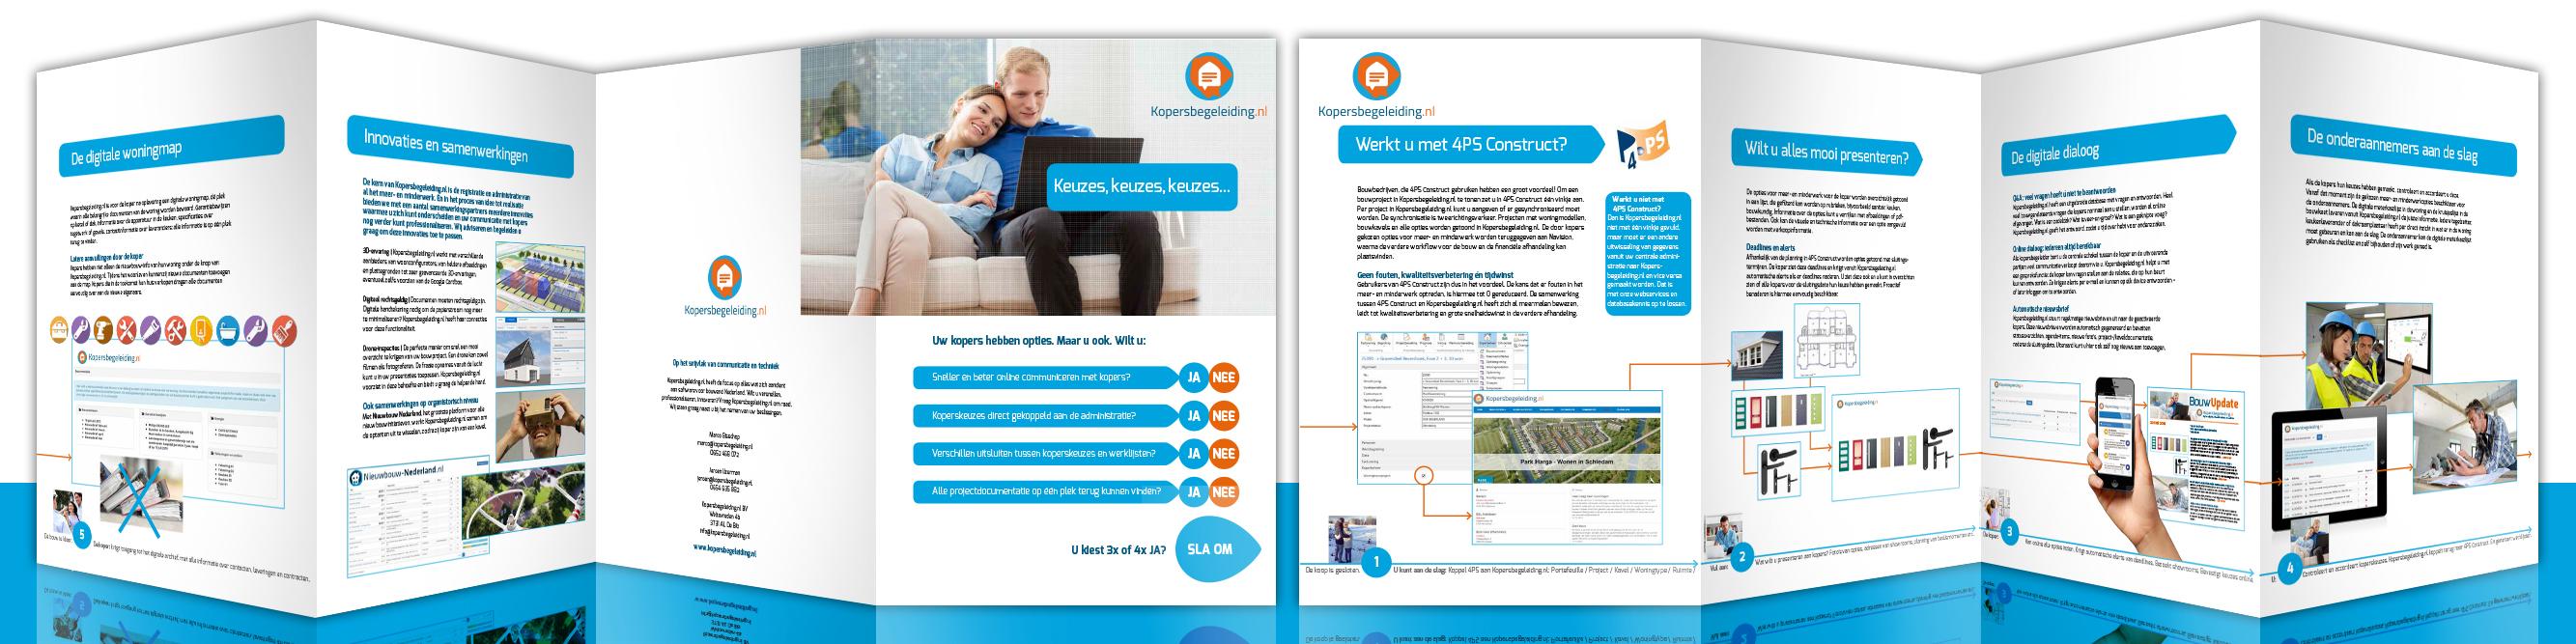 Kopersbegeleiding.nl: presentatie